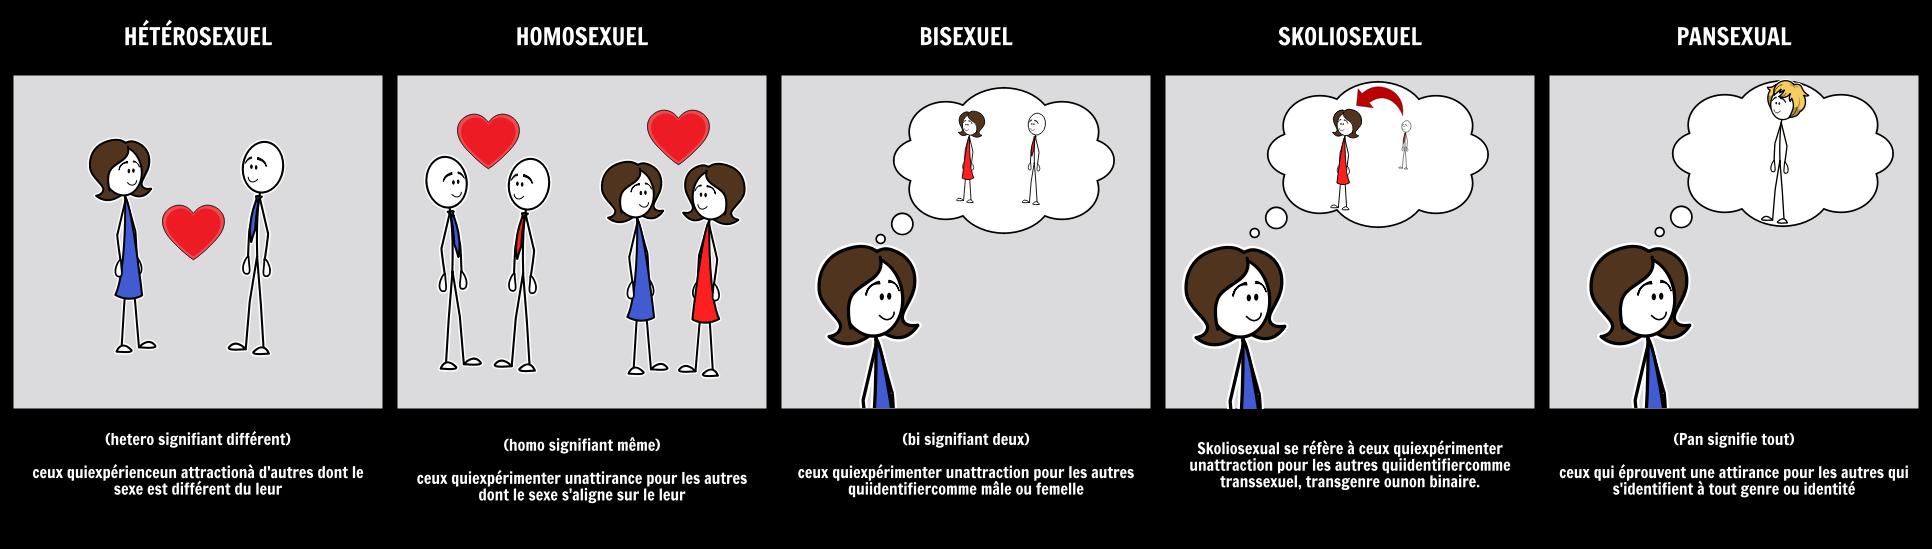 Terminologie de la Sexualité